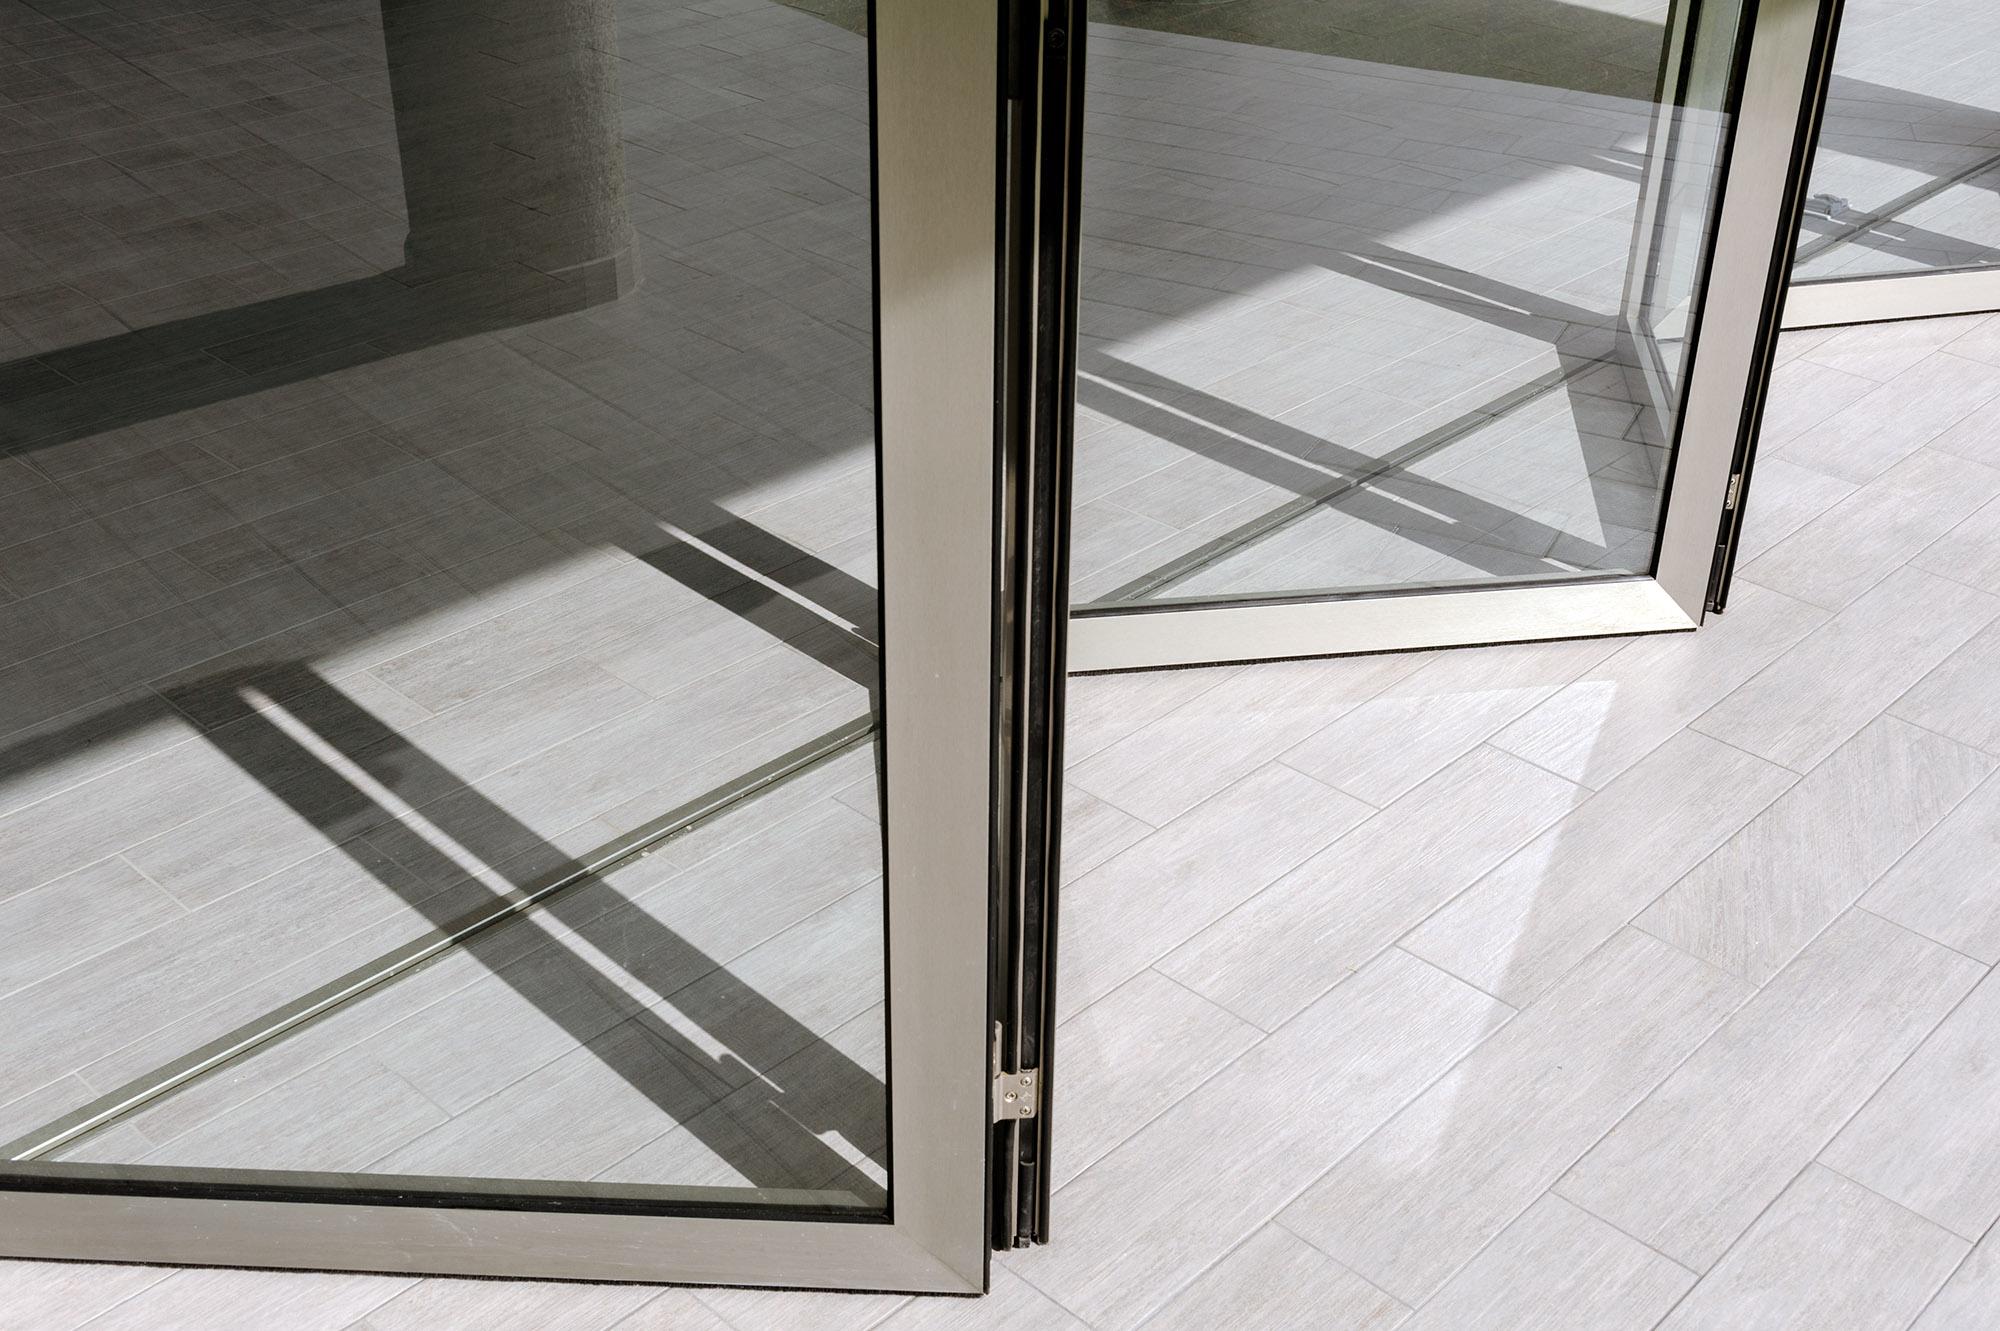 Puerta de vidrio transparente semiabierta sobre piso de cerámica y con sombras proyectadas